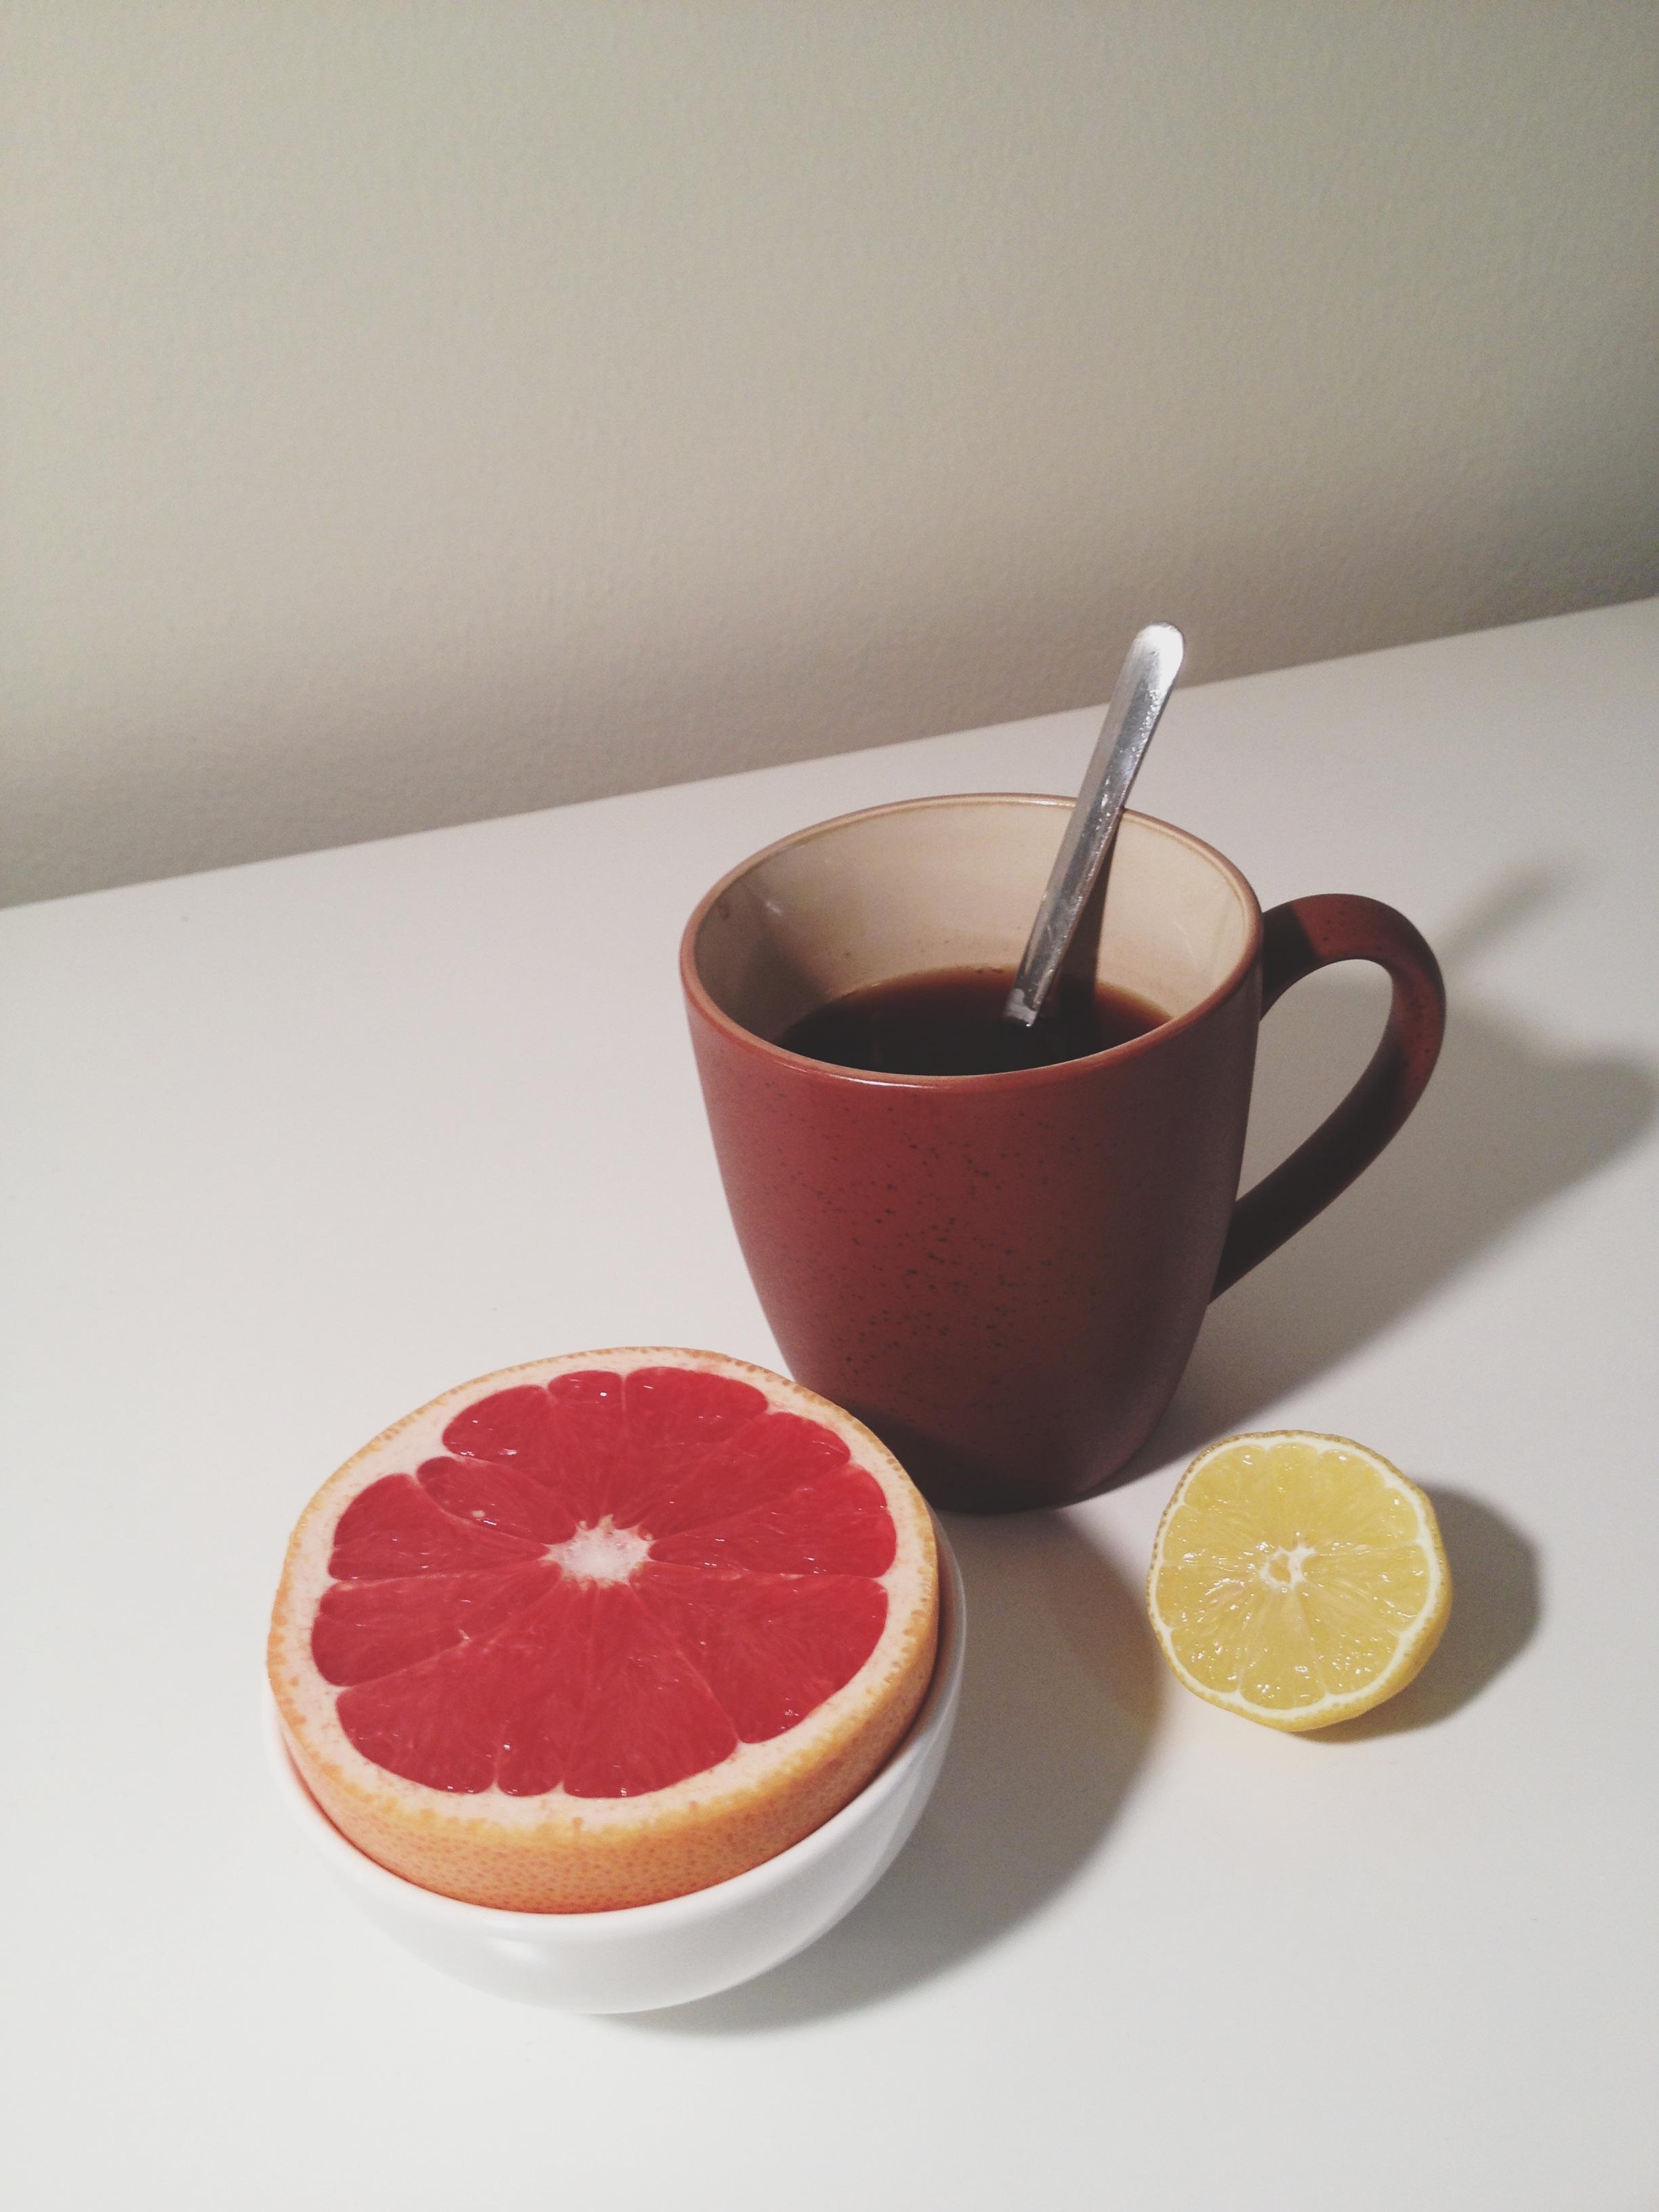 Citrus and tea